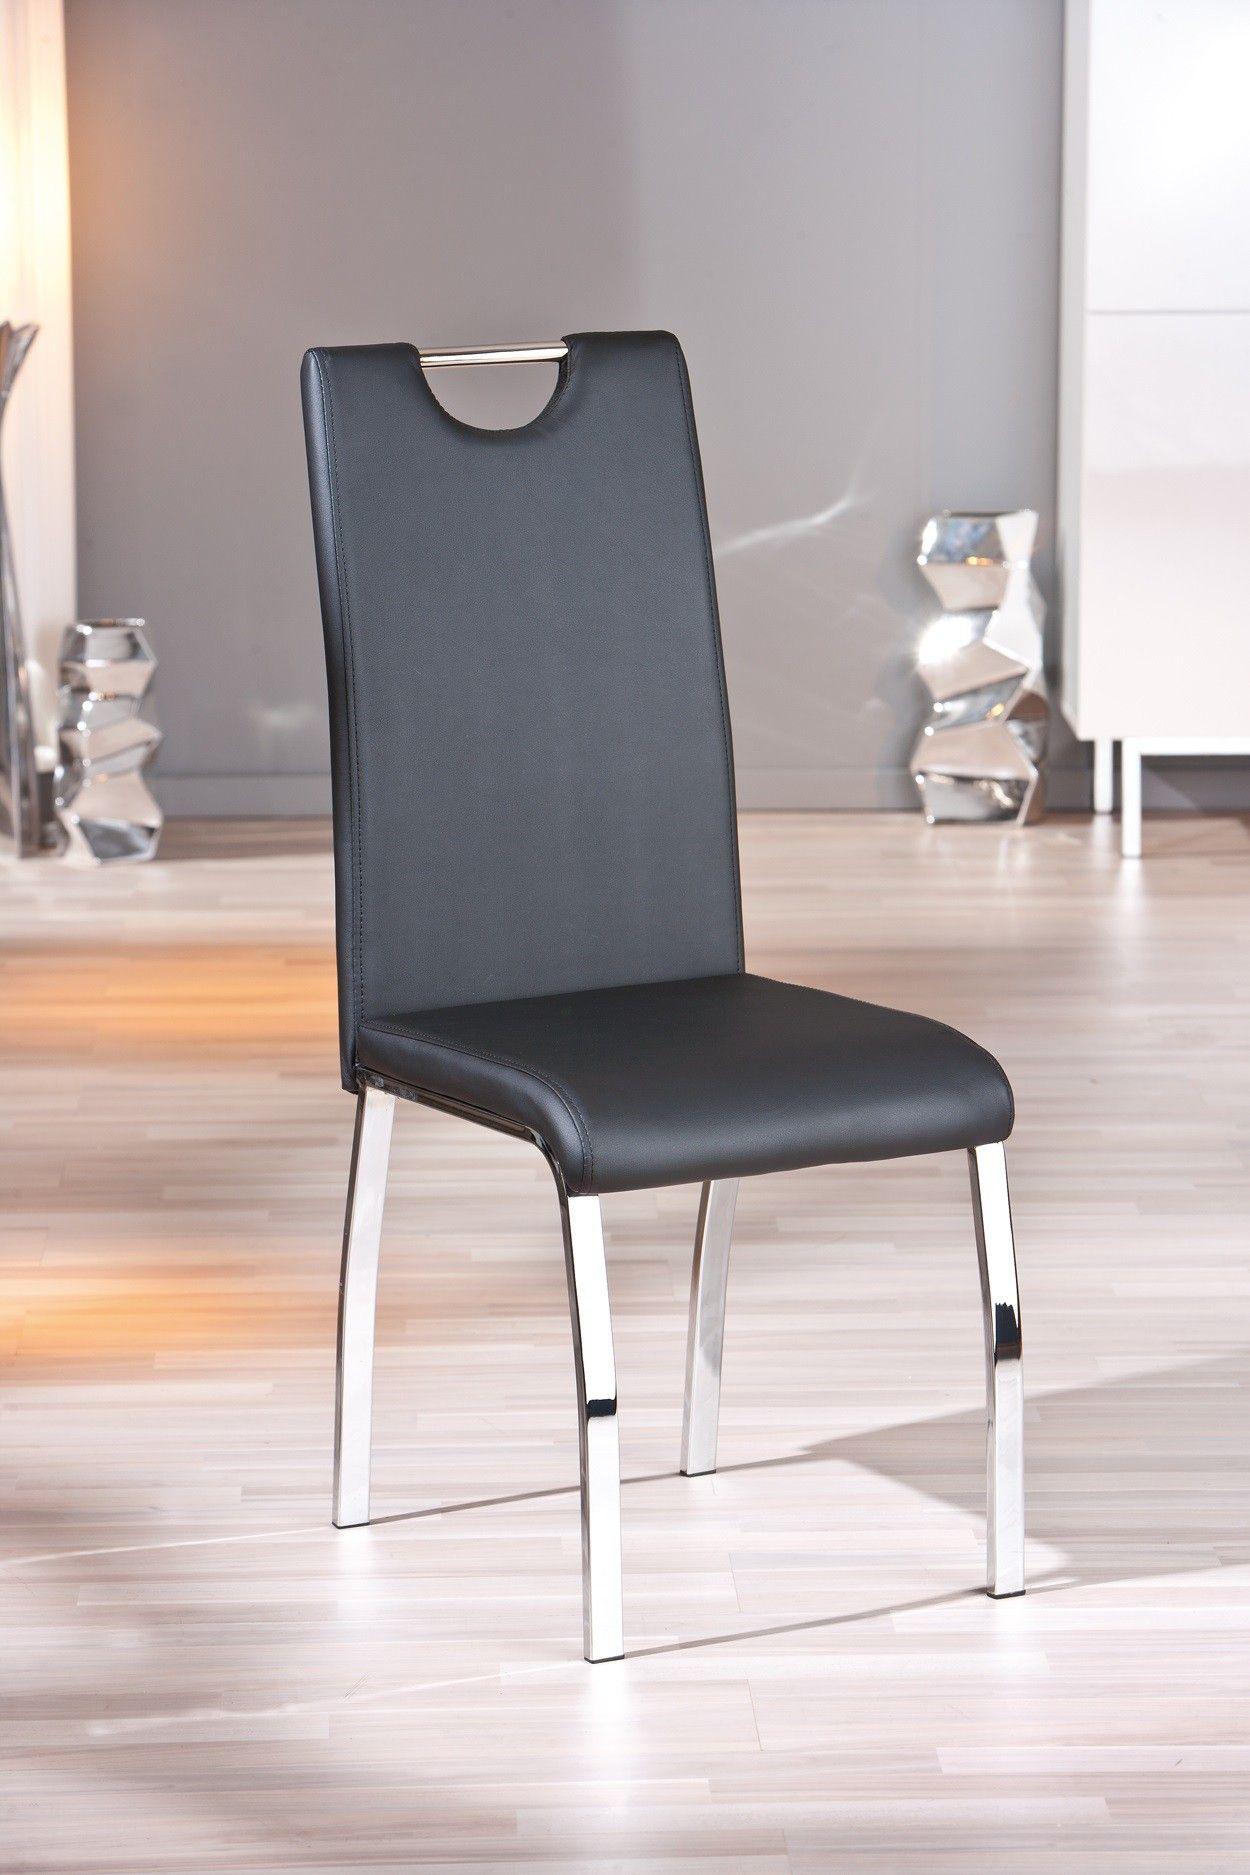 Chaise Design De Salle A Manger Coloris Noir Lot De 2 Ushuaya